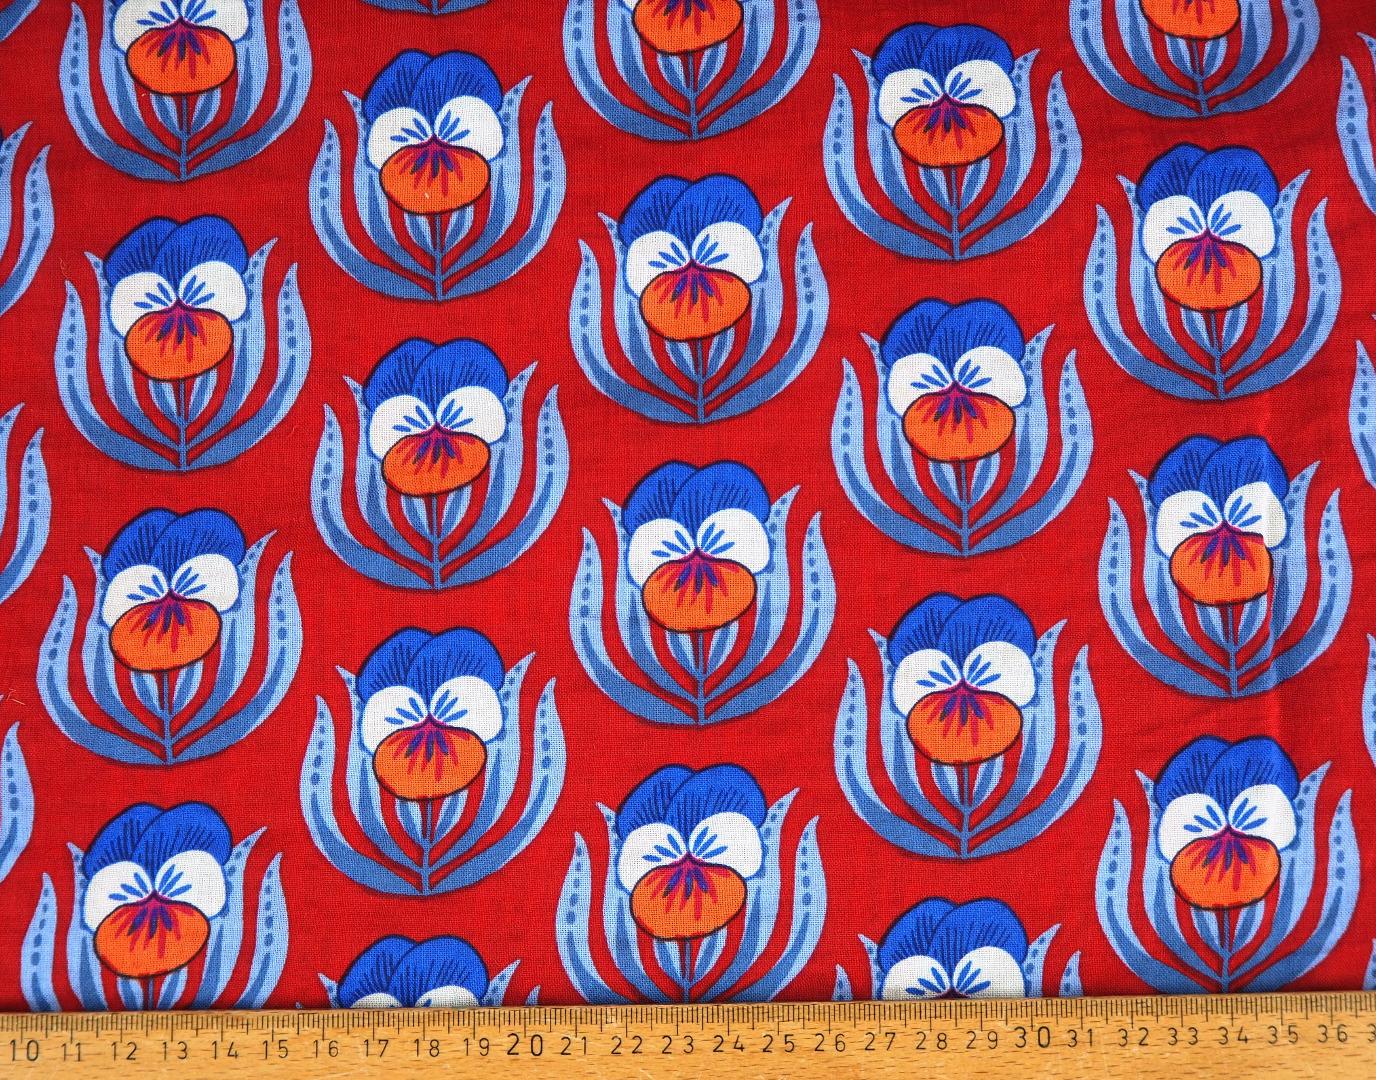 Viskosestoff EUR/m Baumwolle Viskose mit Stiefmütterchen